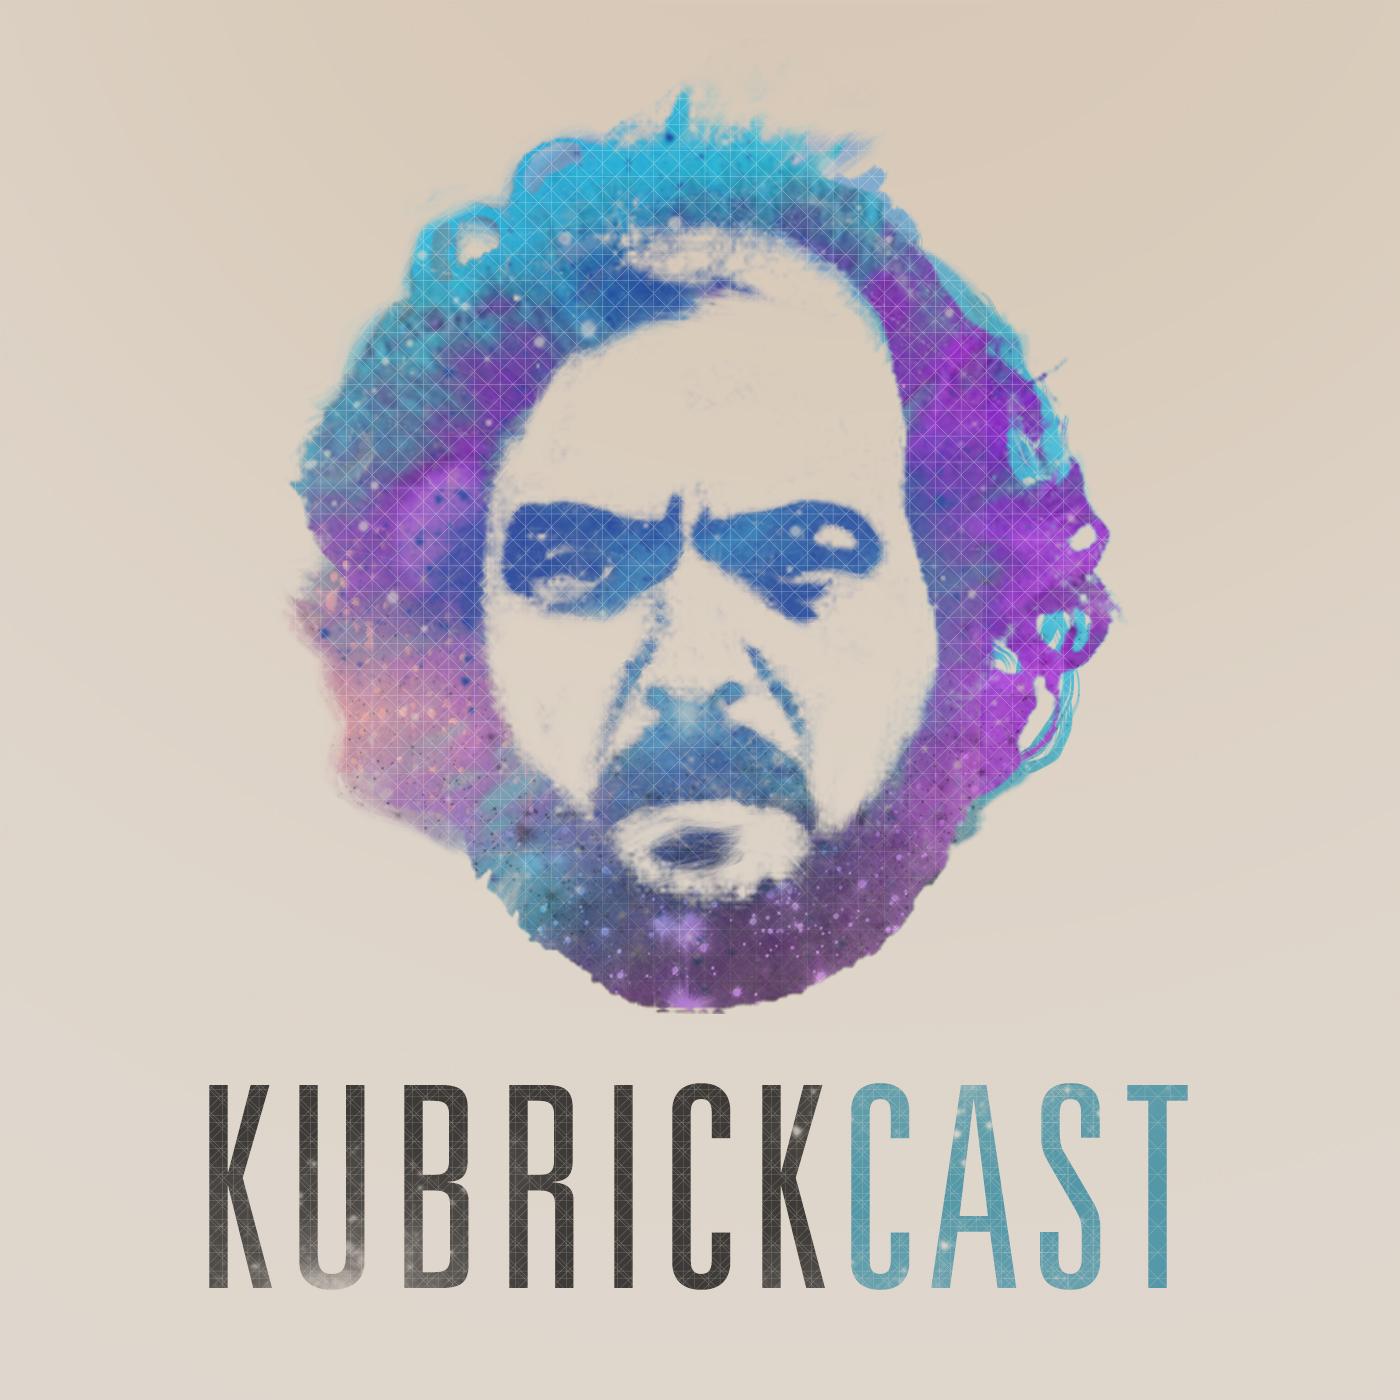 Kubrick_cast_4b